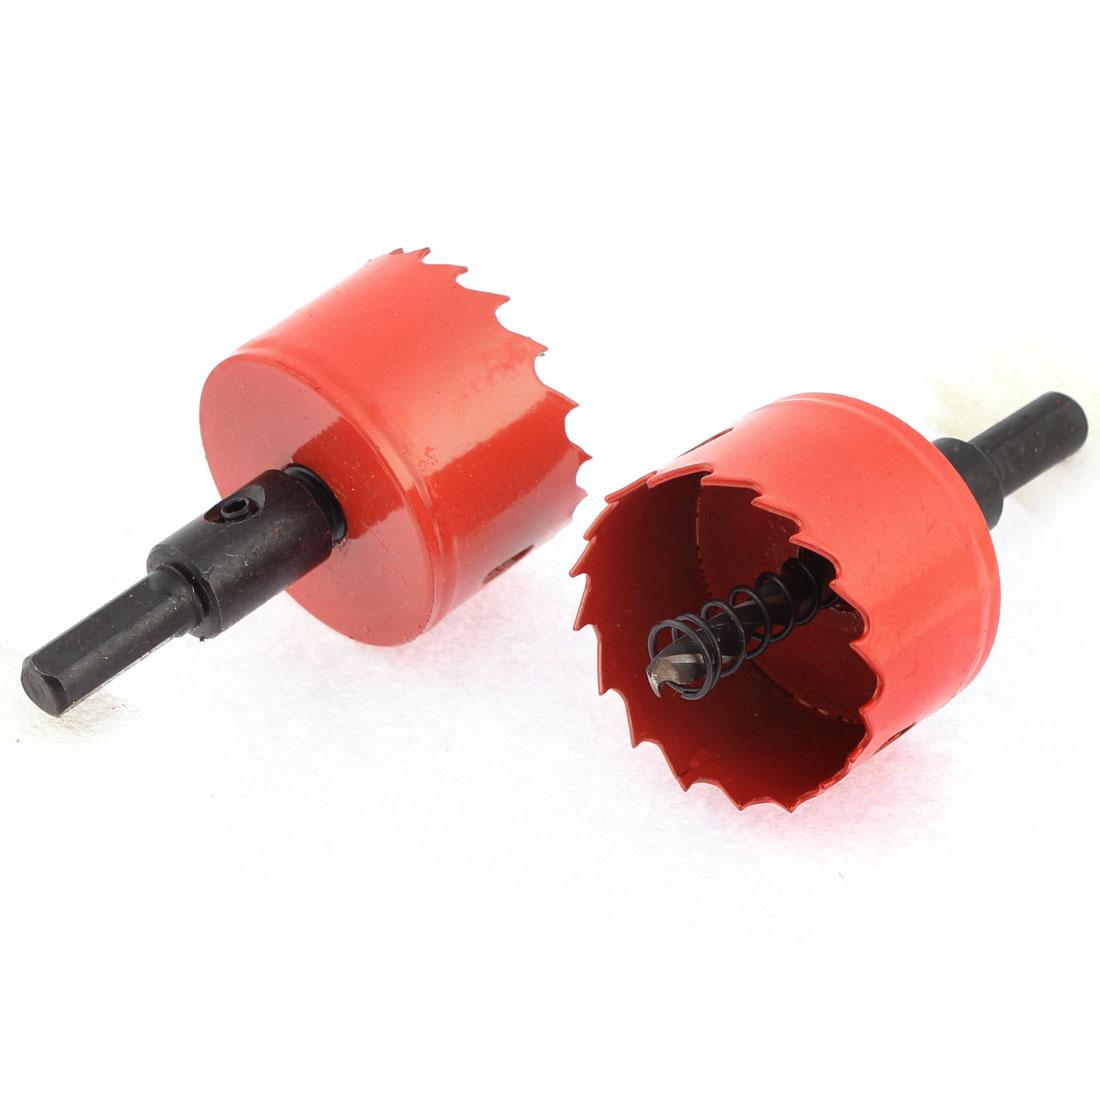 45mm Dia Twist Drill Bit BI Metal Hole Saw Cutter 2 Pcs for Aluminum Iron Wood